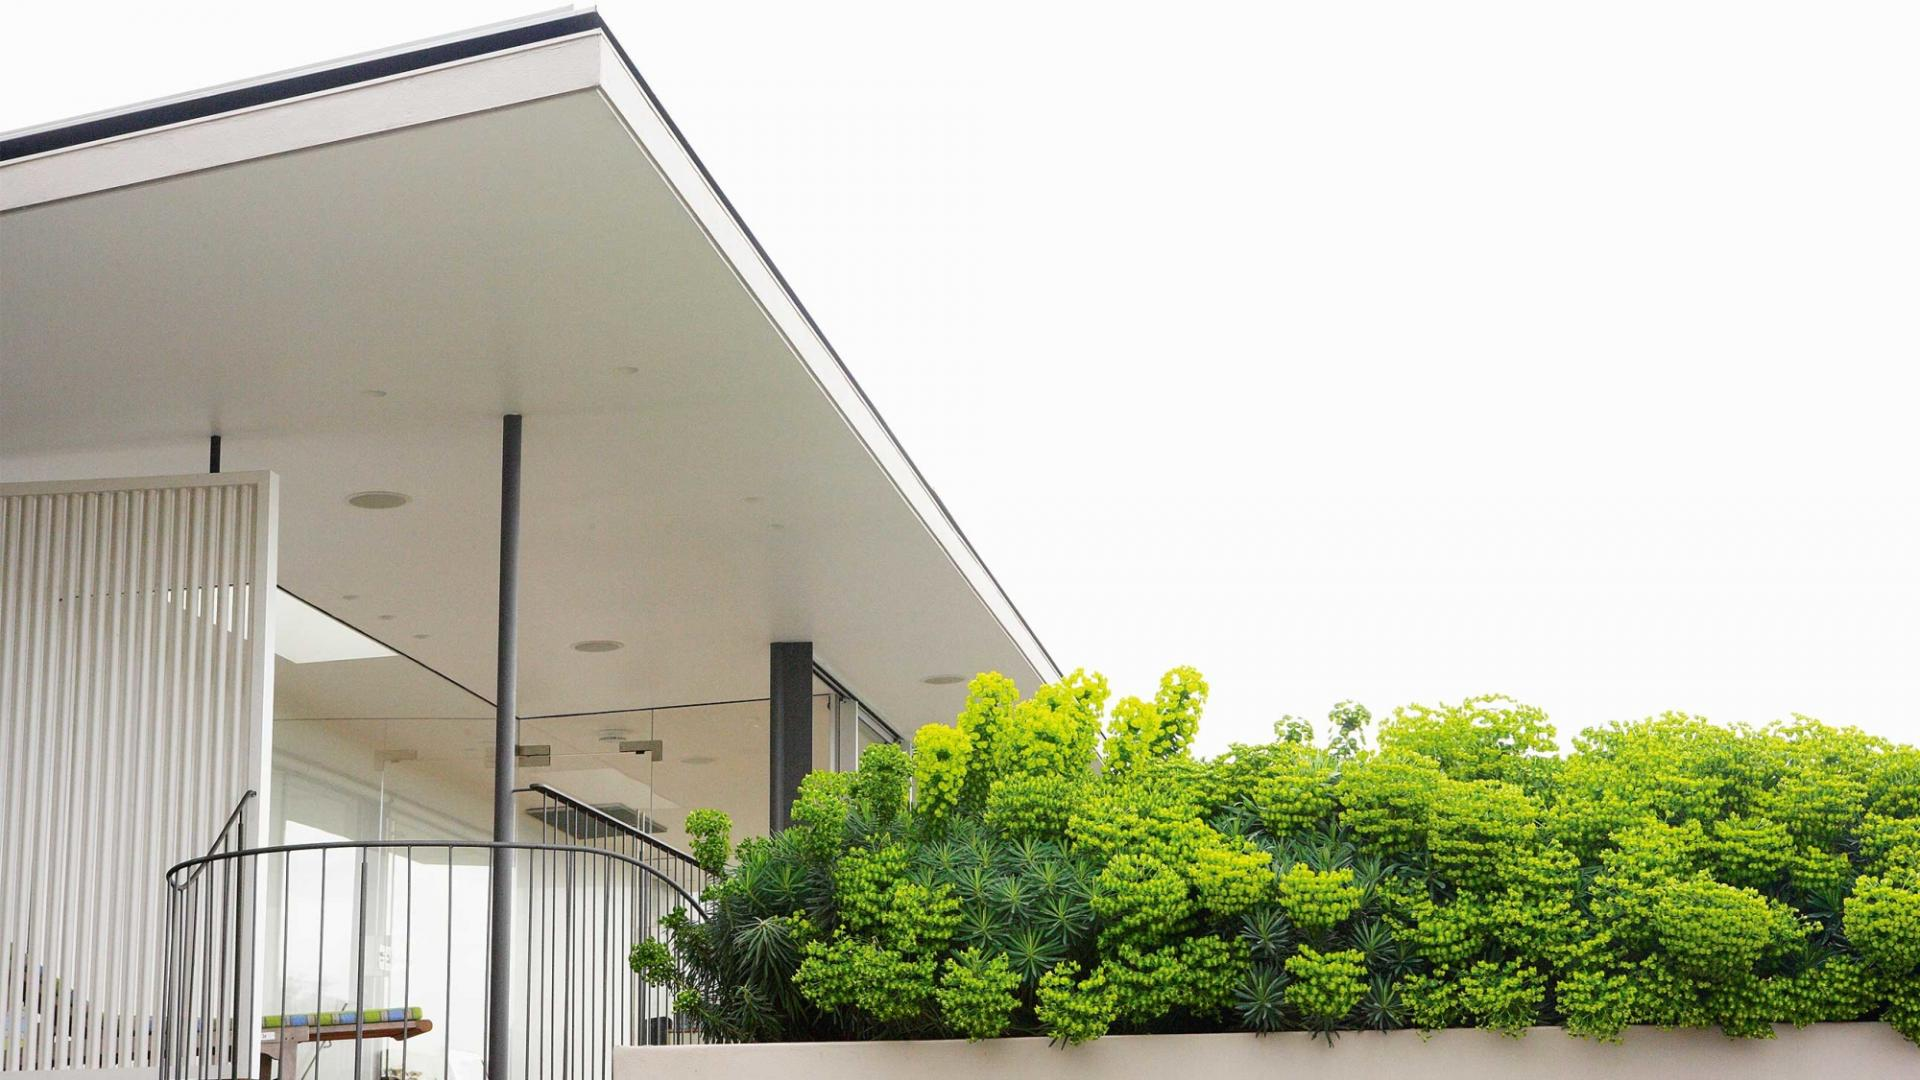 03-dicas-para-ter-um-jardim-no-telhado